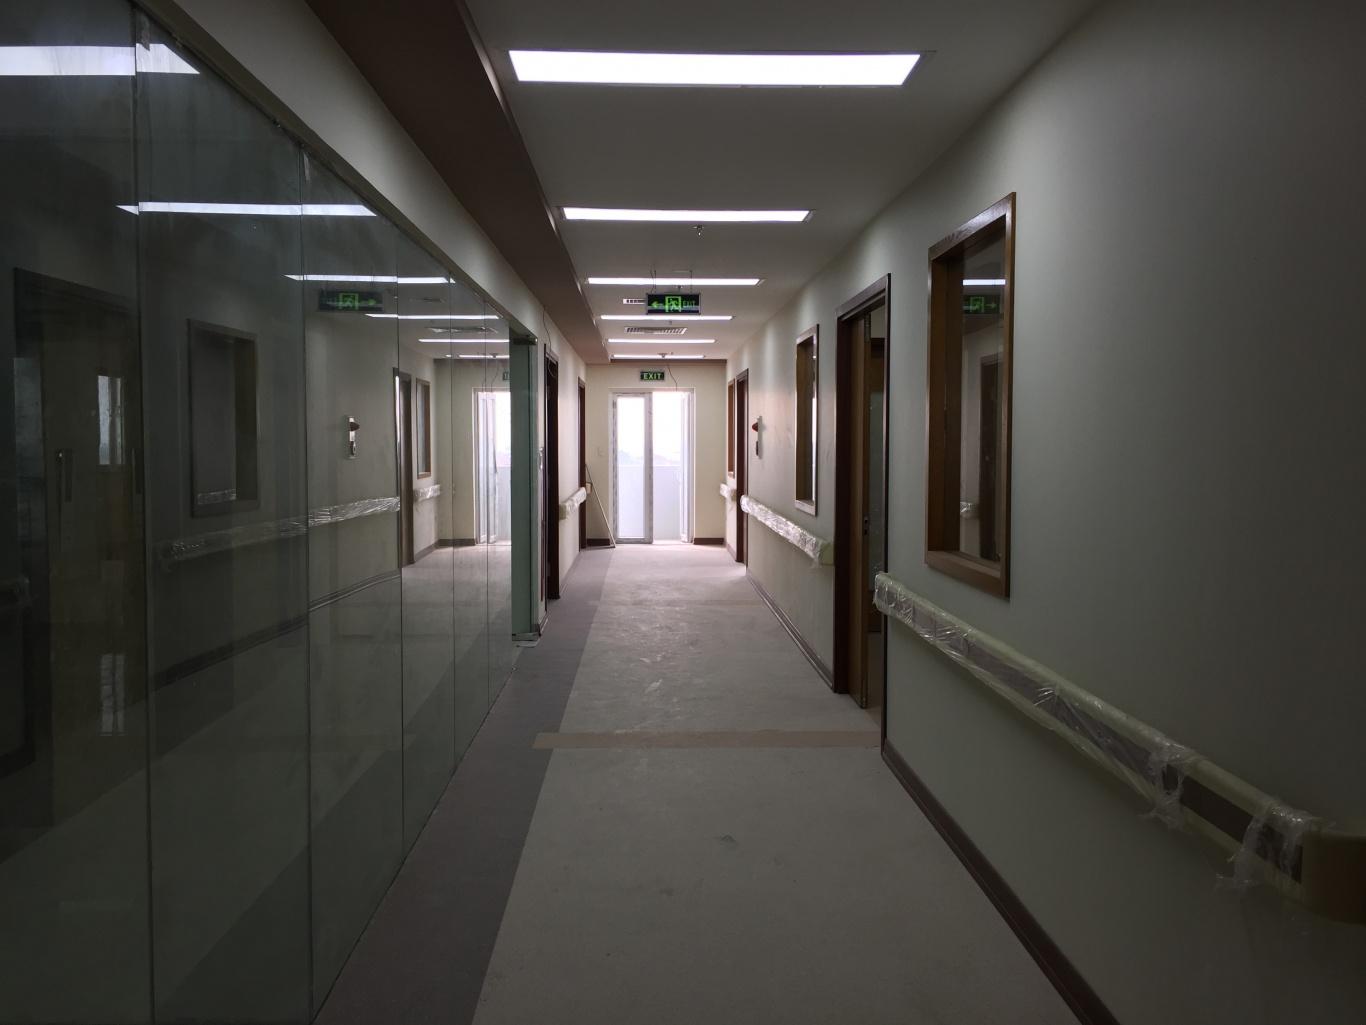 quy mô của phòng khám đa khoa thiên tâm